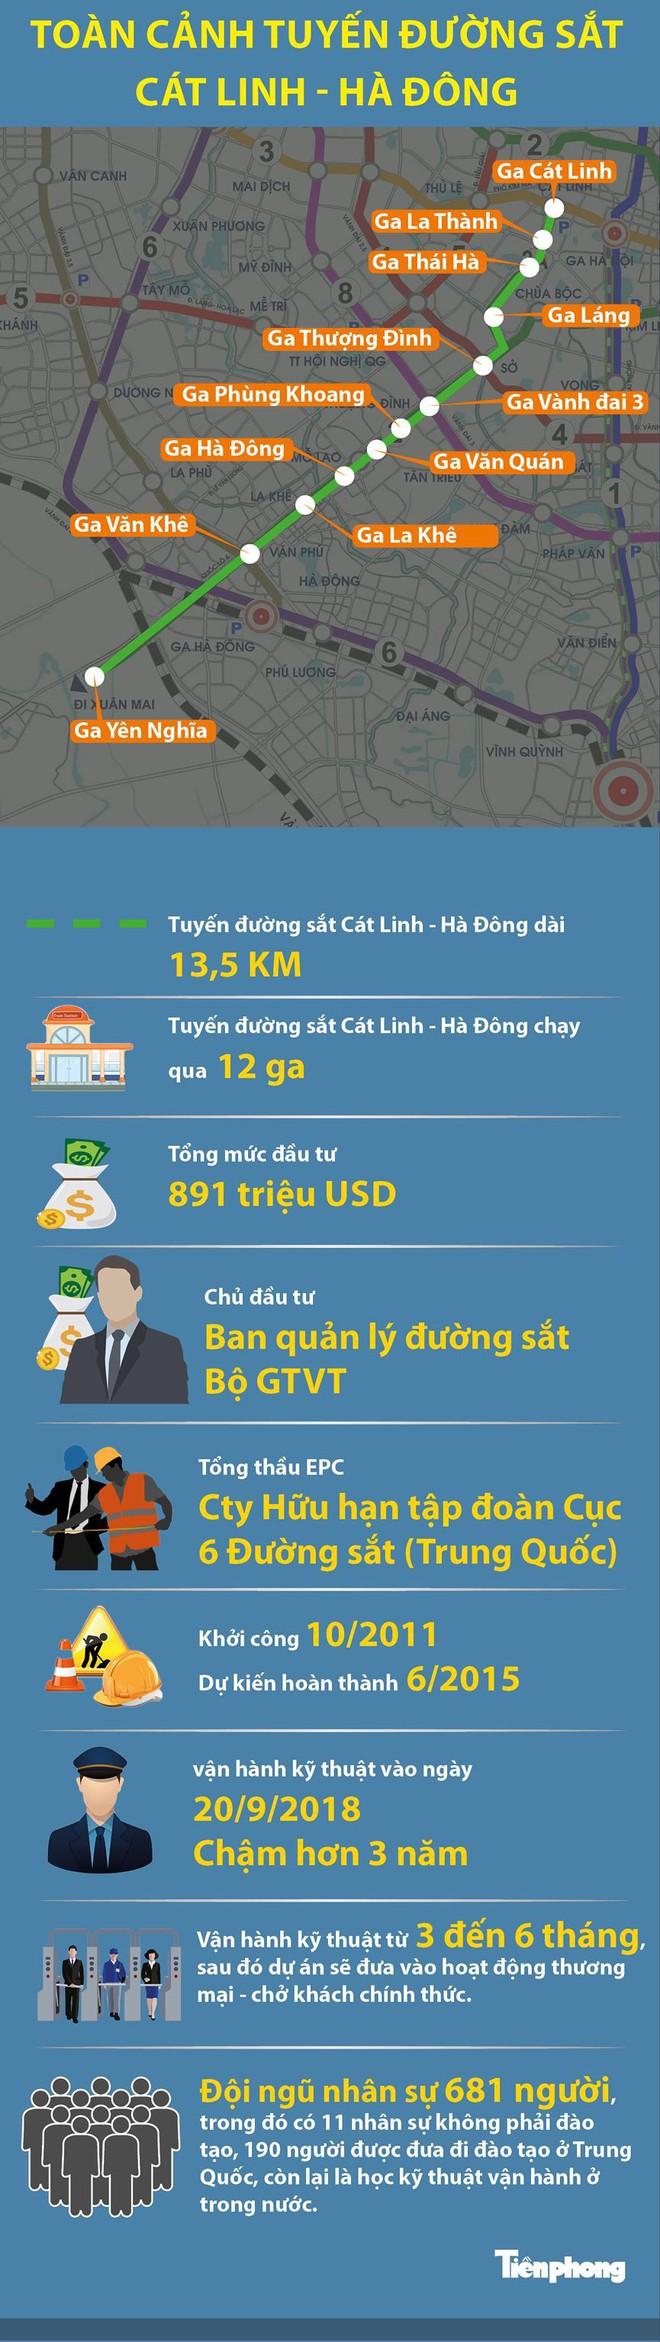 [Infographics] Toàn cảnh tuyến đường sắt Cát Linh - Hà Đông - Ảnh 1.